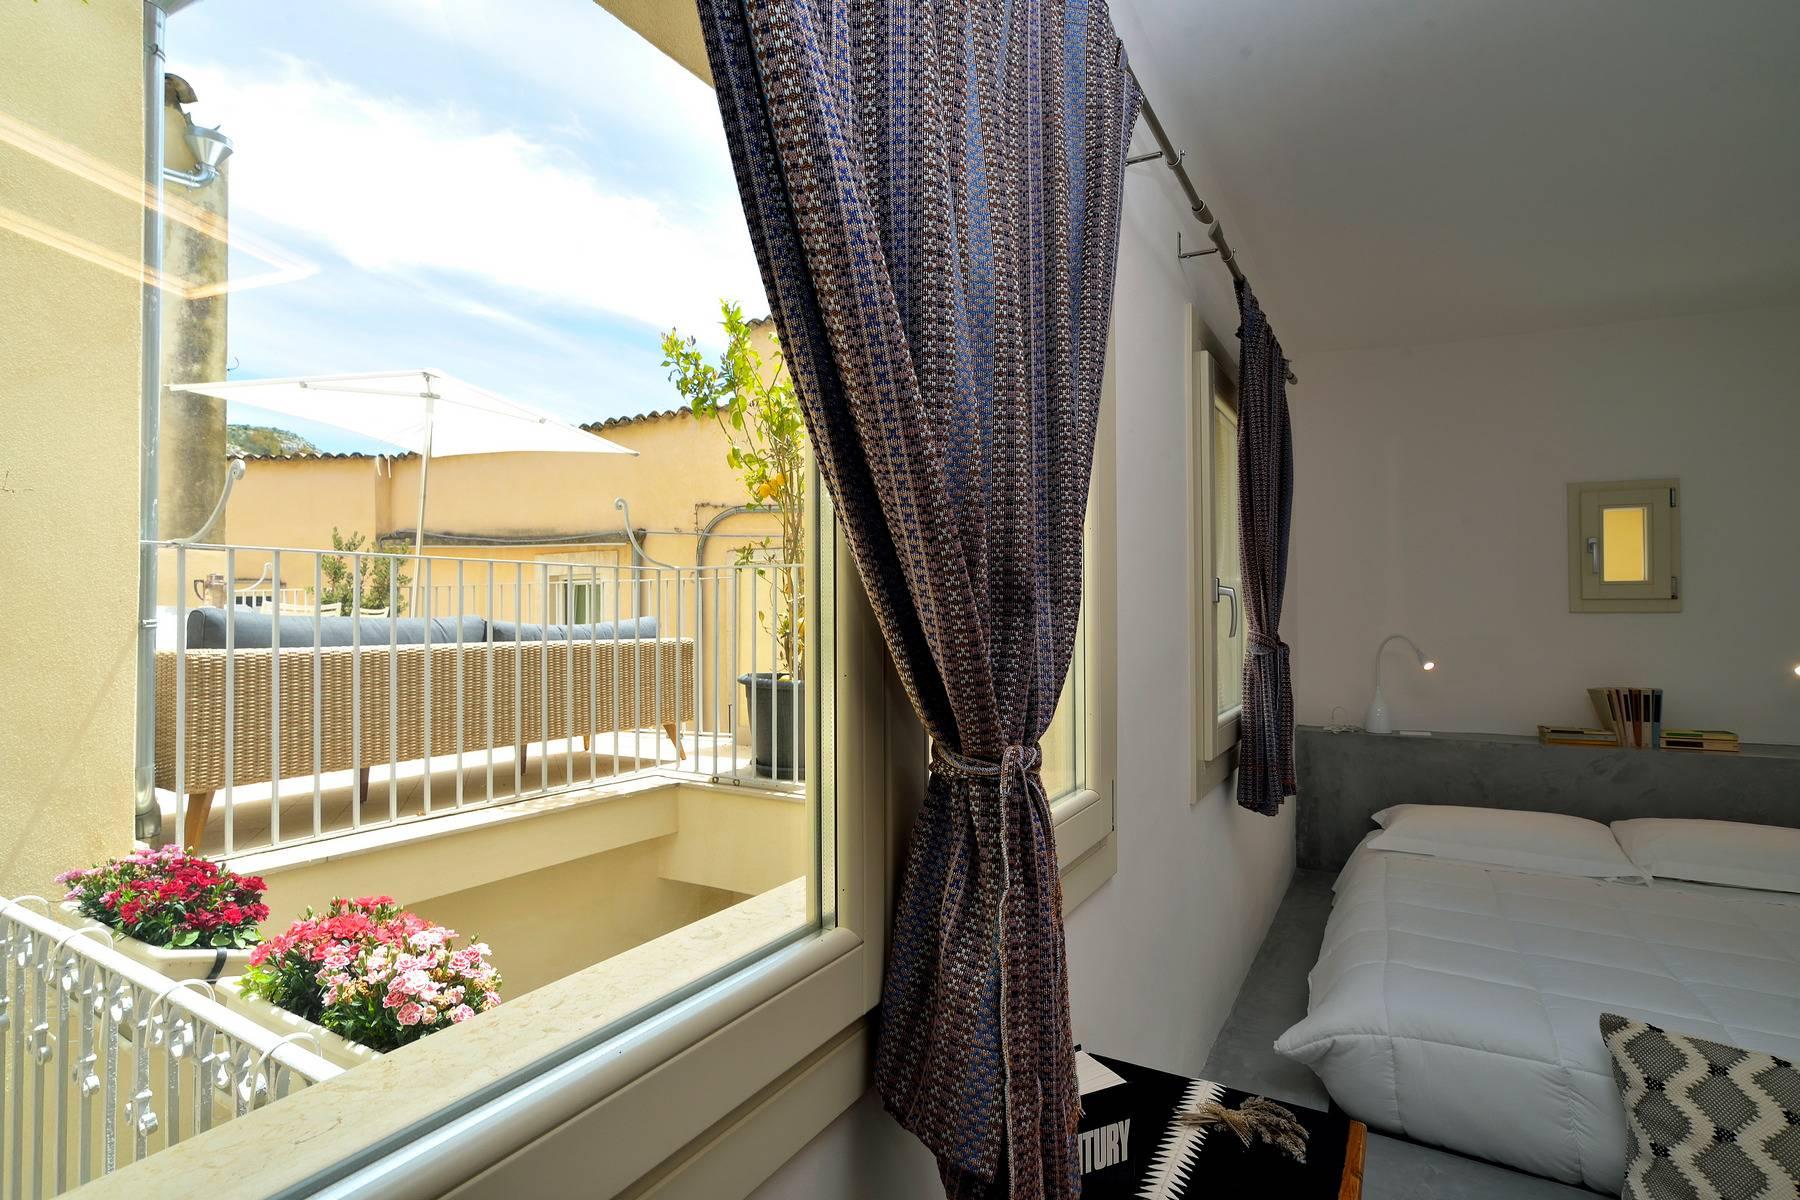 Casa indipendente in Vendita a Modica: 5 locali, 185 mq - Foto 9